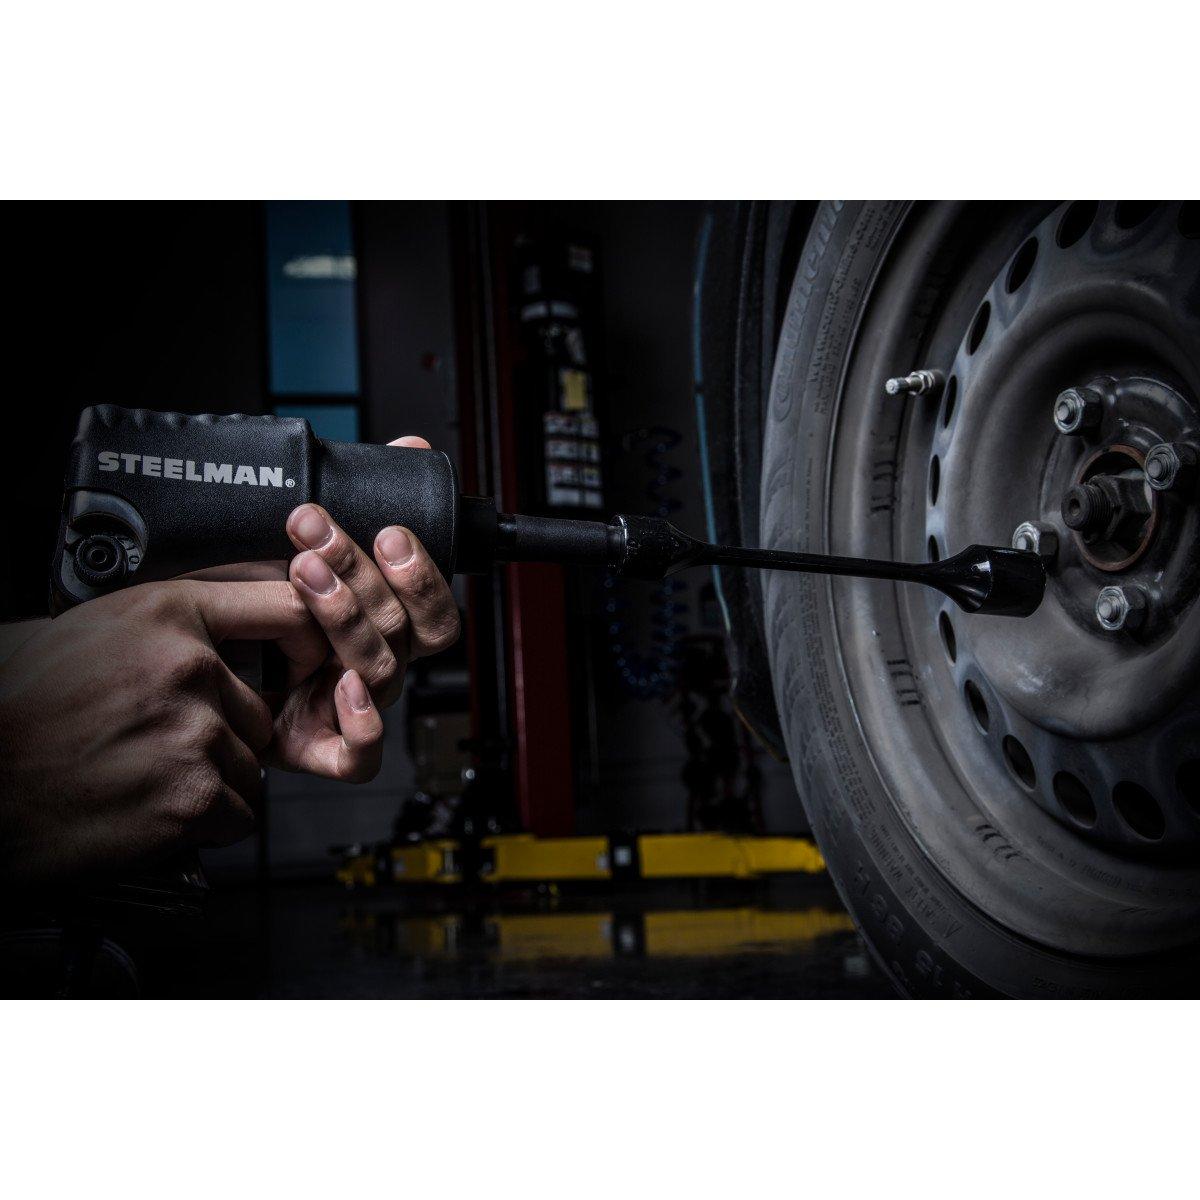 Steelman 50065 1//2-Inch Drive x 21mm 60 ft-lb Torque Stick Black